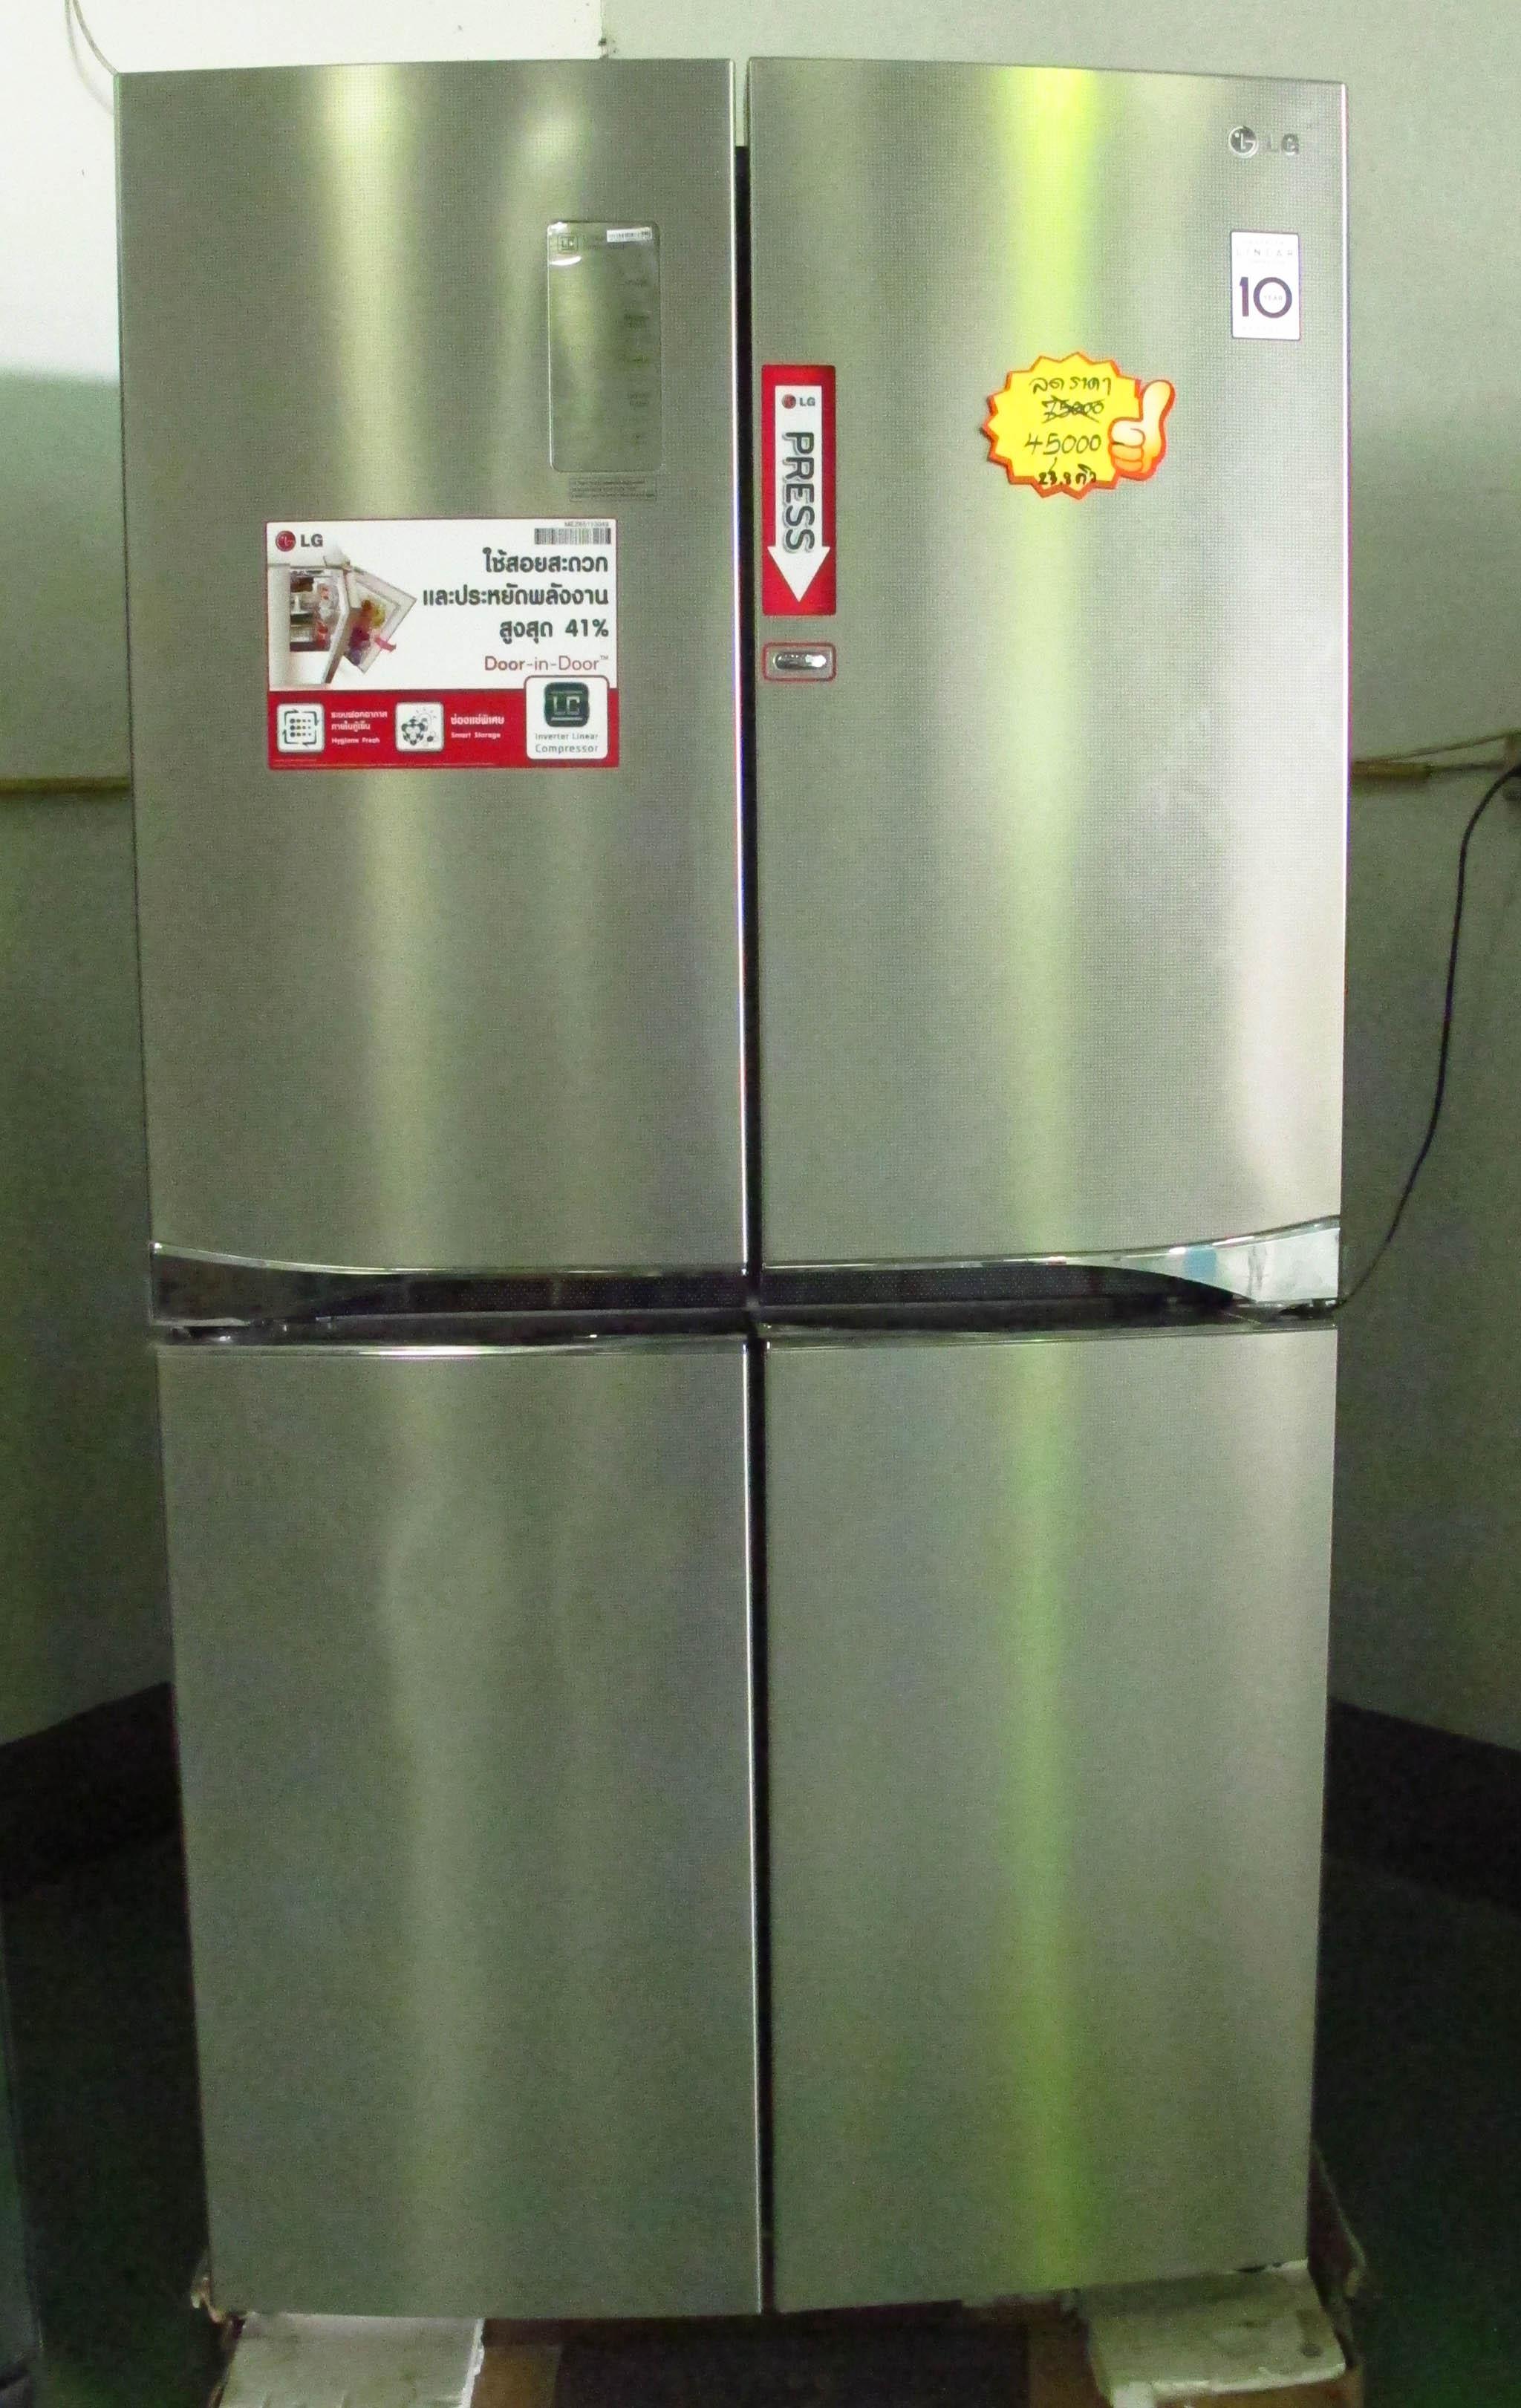 ตู้เย็นsize by size ขนาด23.8คิว รุ่นGR-M24FWCHL